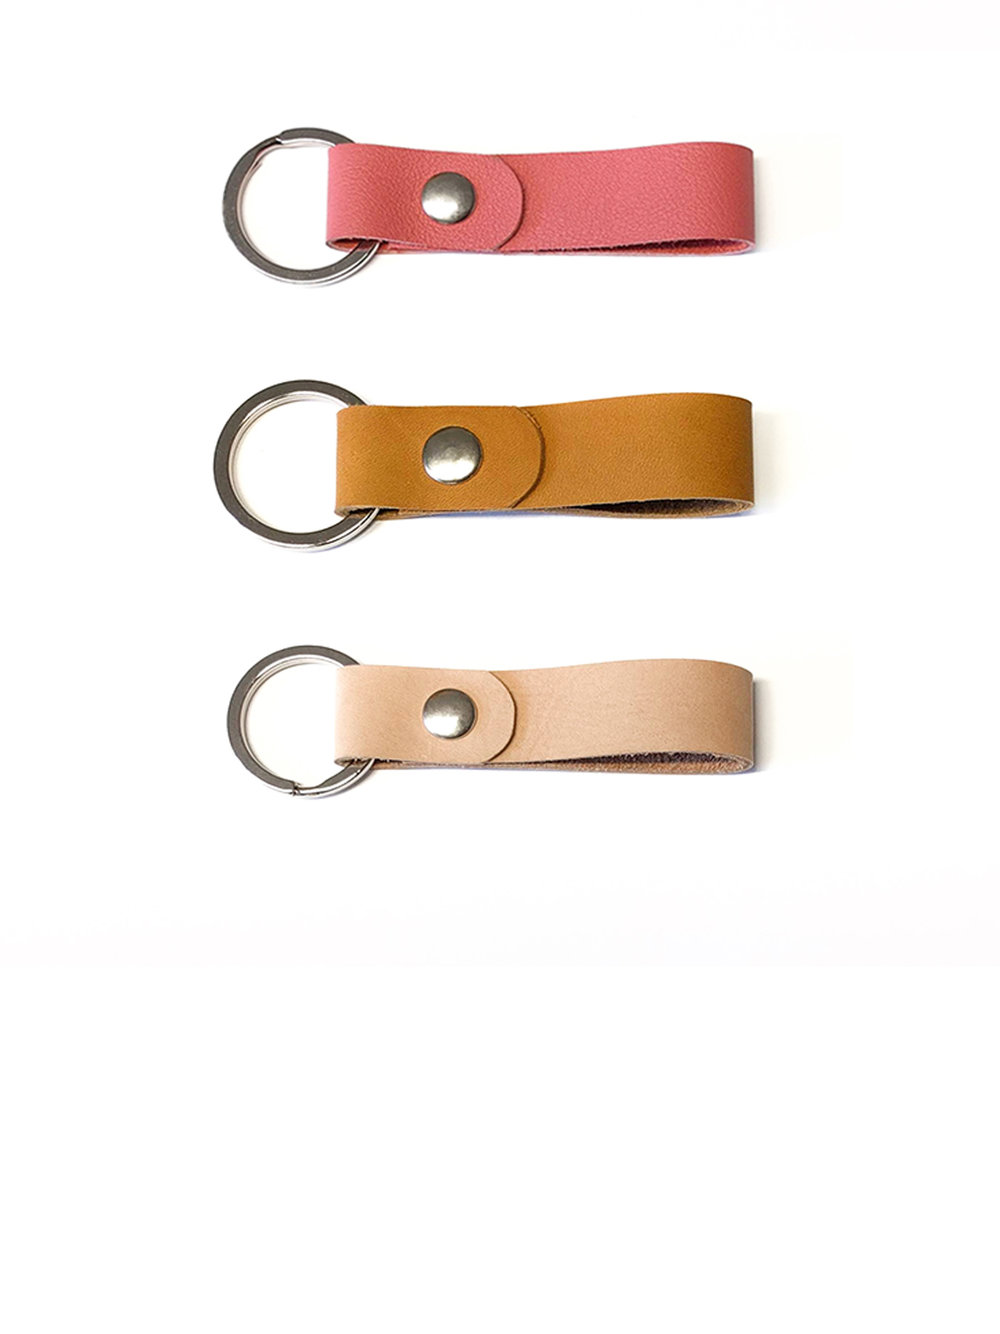 Porte-clés en cuir - 10.00$